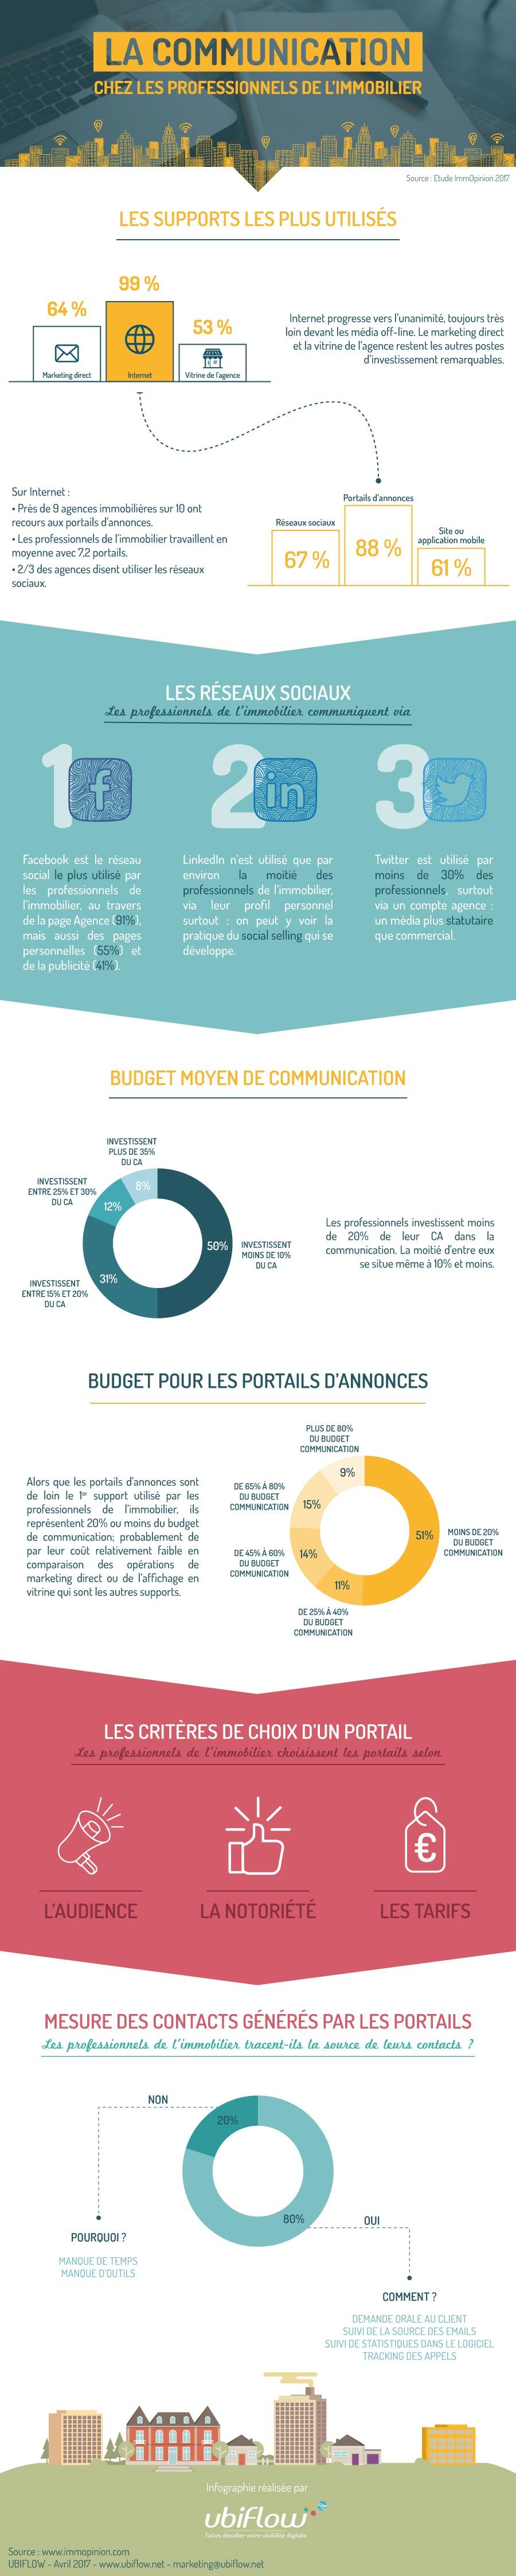 Infographie _ La communication chez les professionnels de l'immobilier